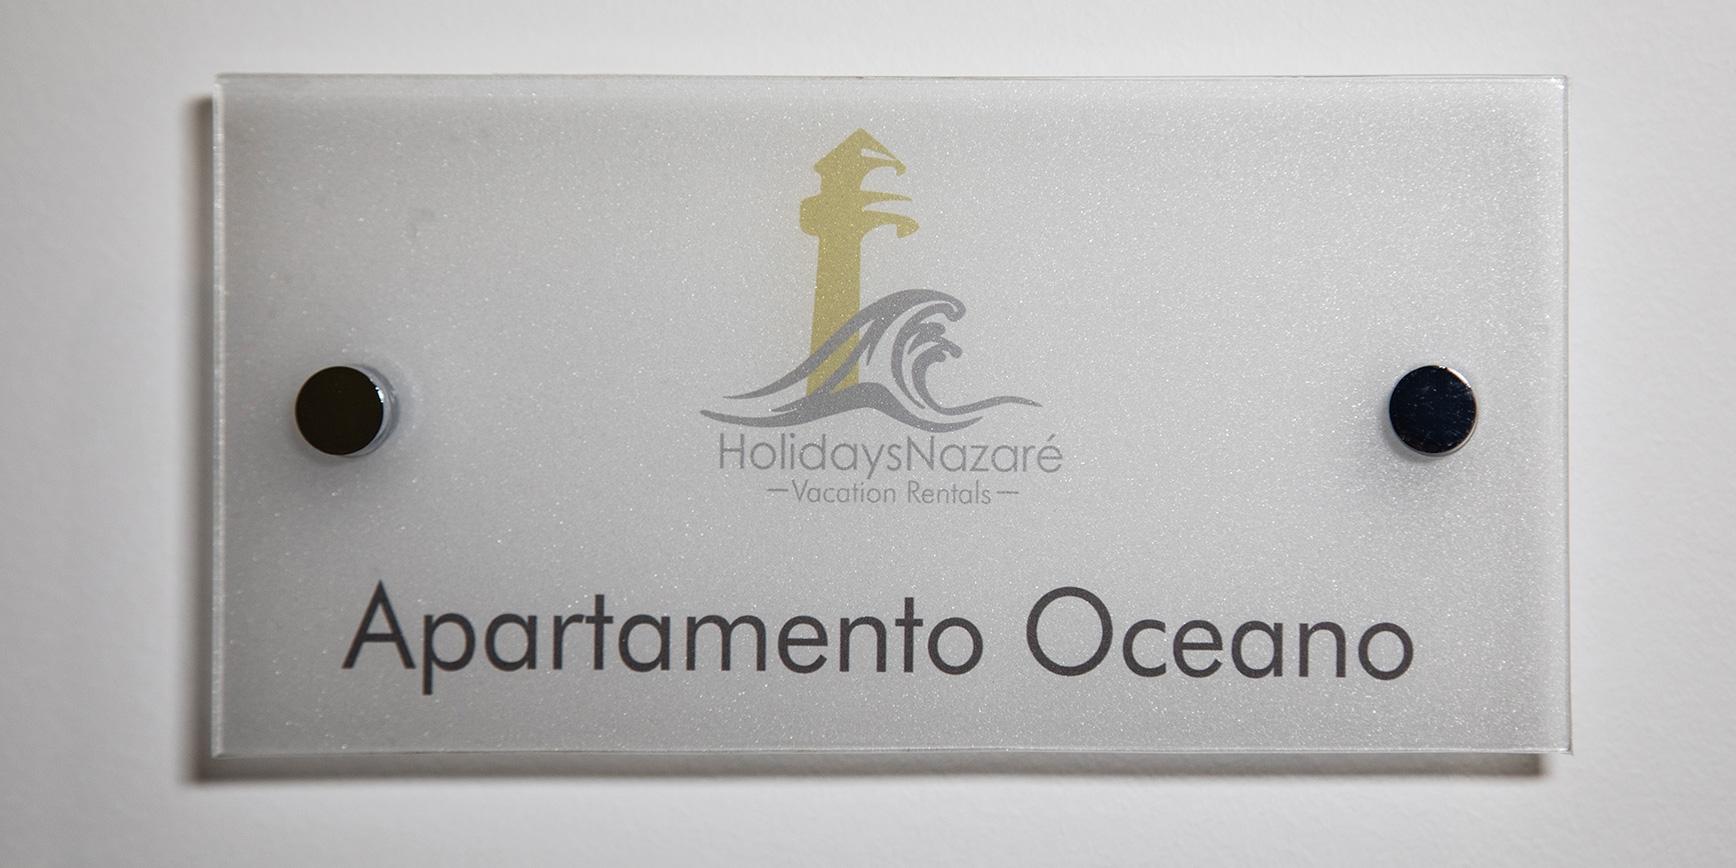 Apartamento Oceano